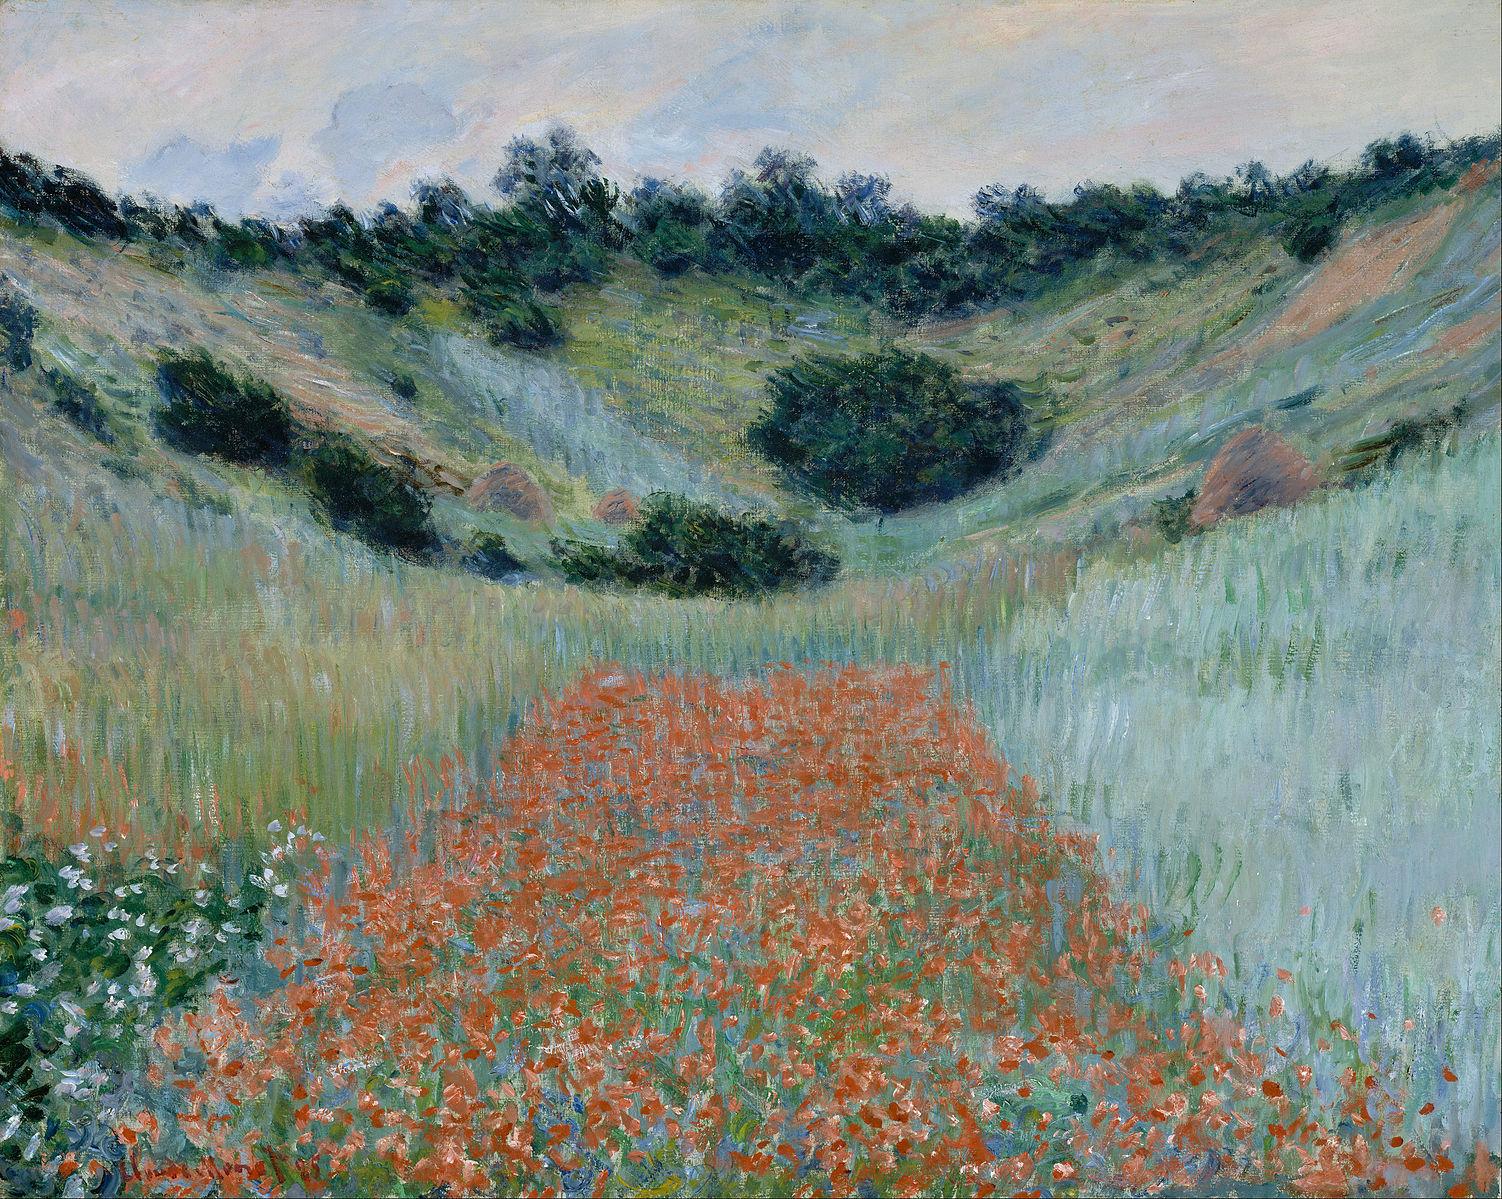 Claude_Monet_-_Poppy_Field_in_a_Hollow_near_Giverny.jpg